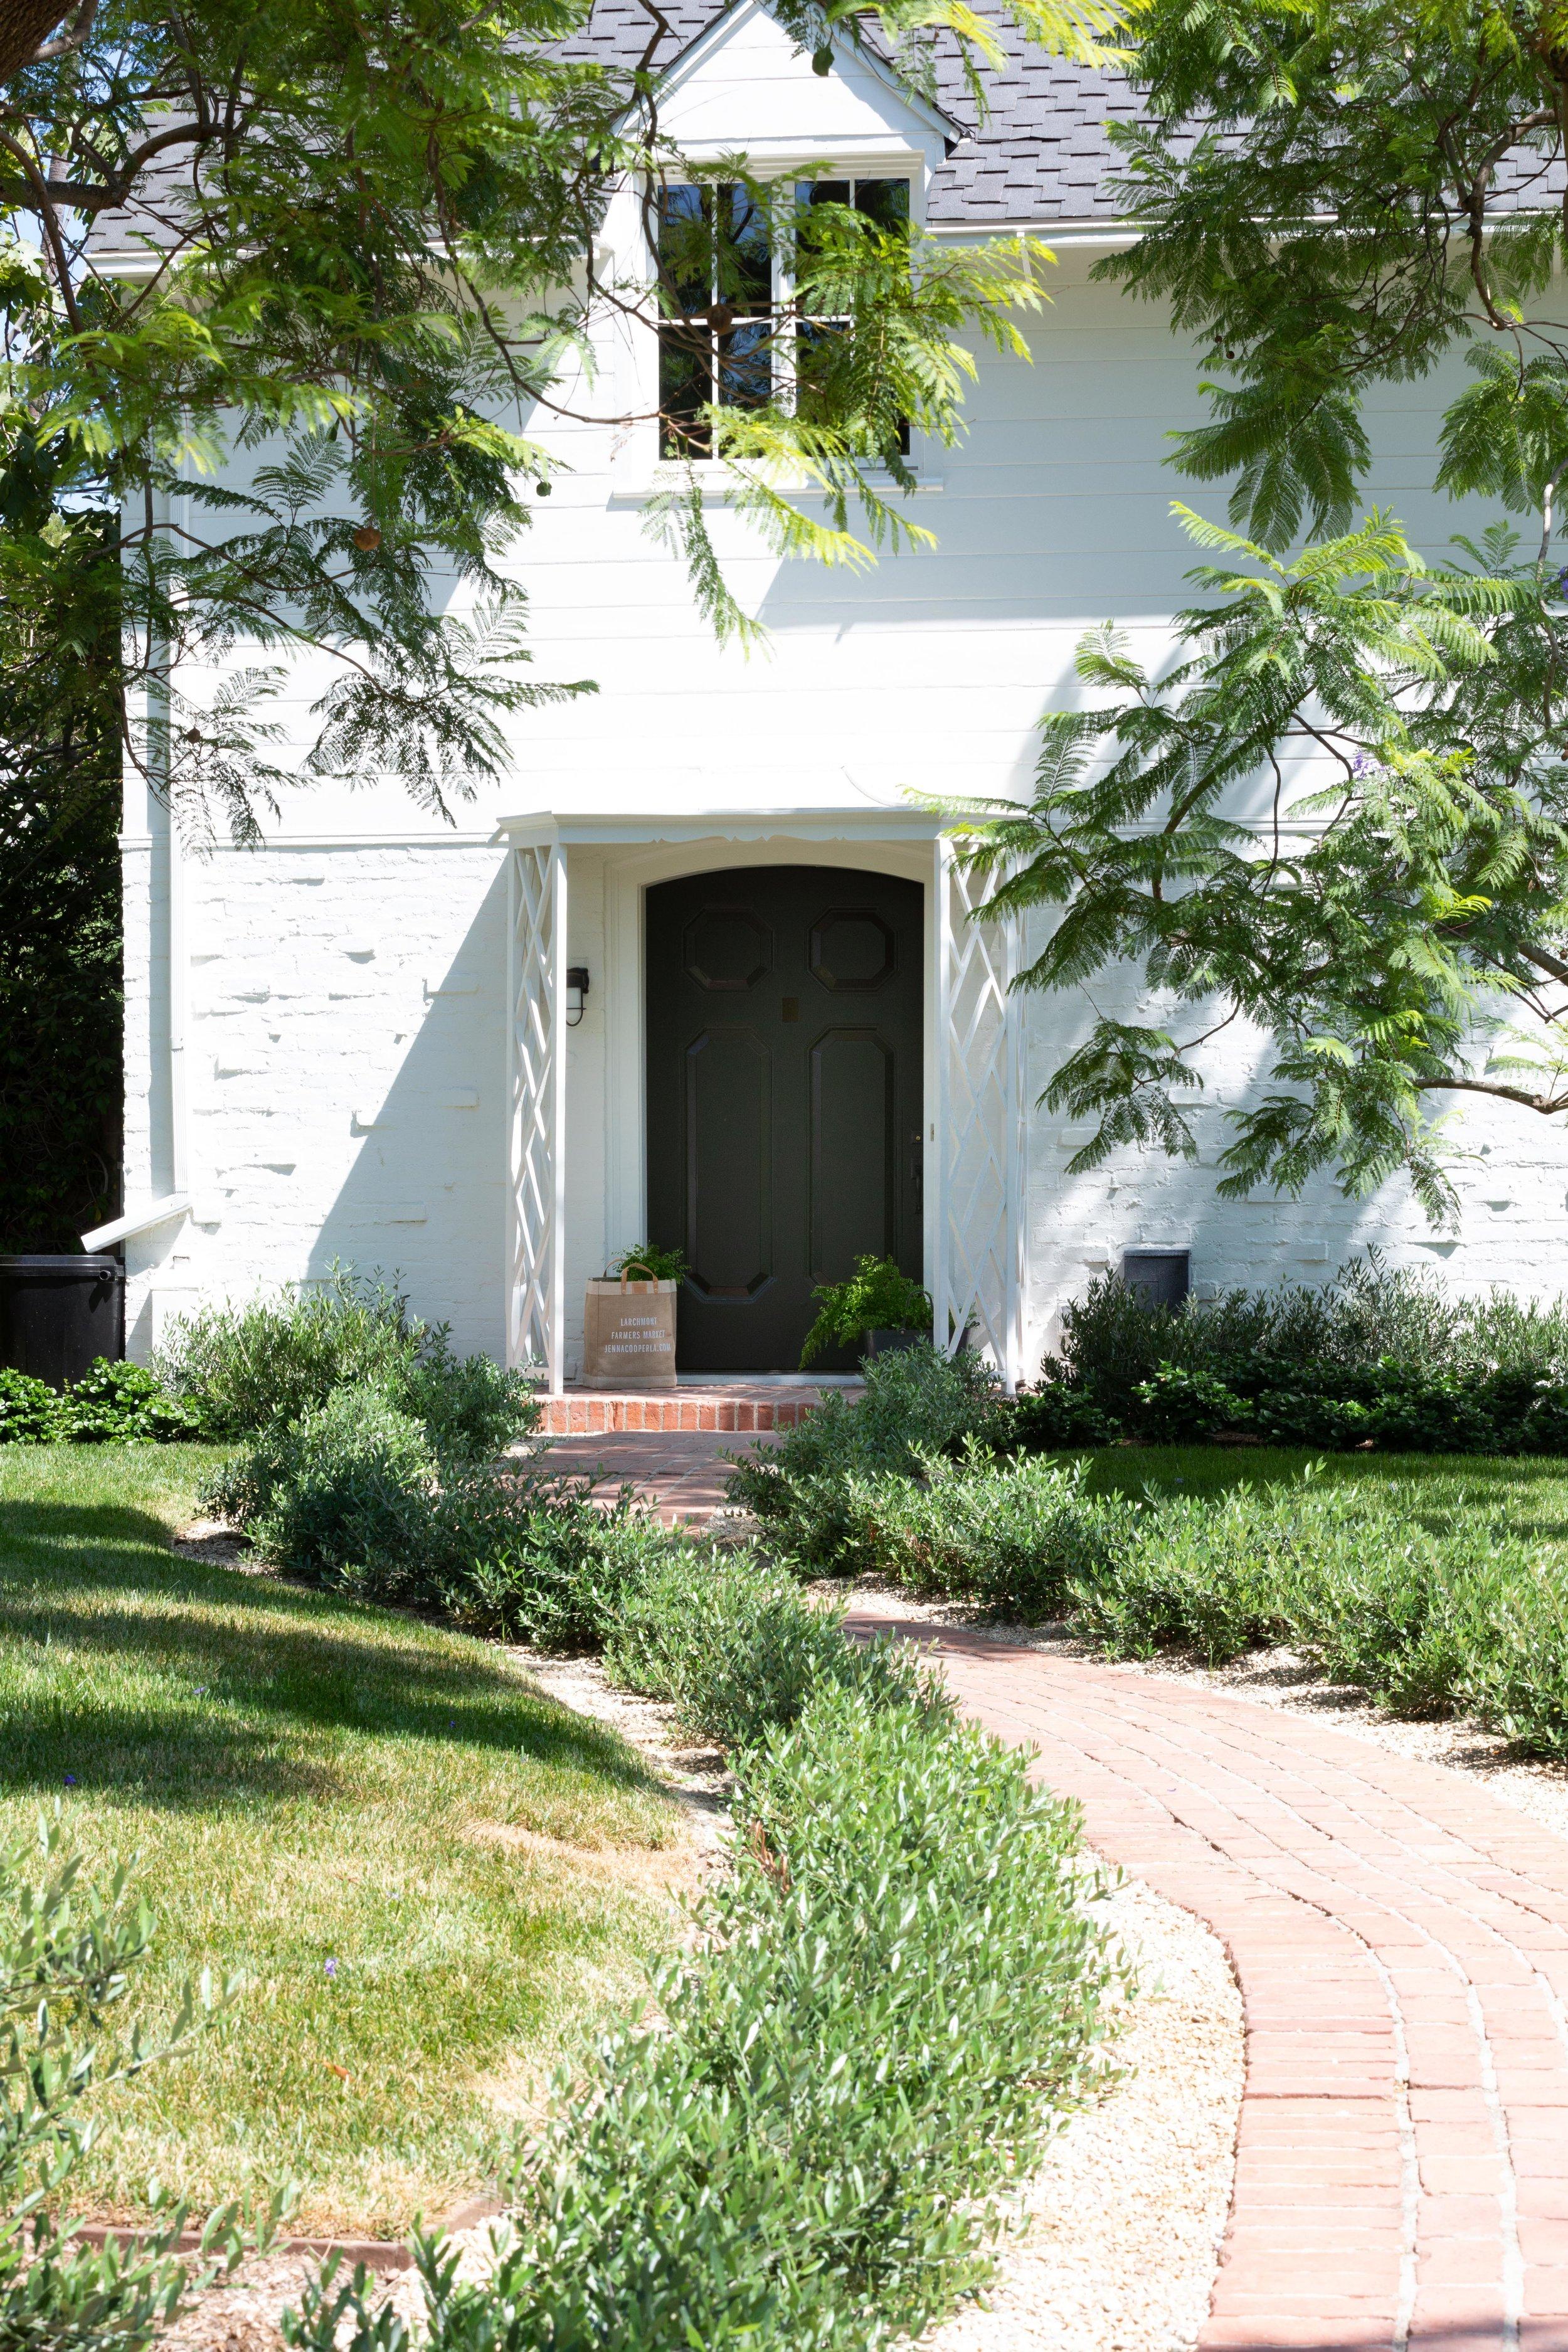 348 S Arden Blvd - VirtuallyHereStudios.com-5.jpg